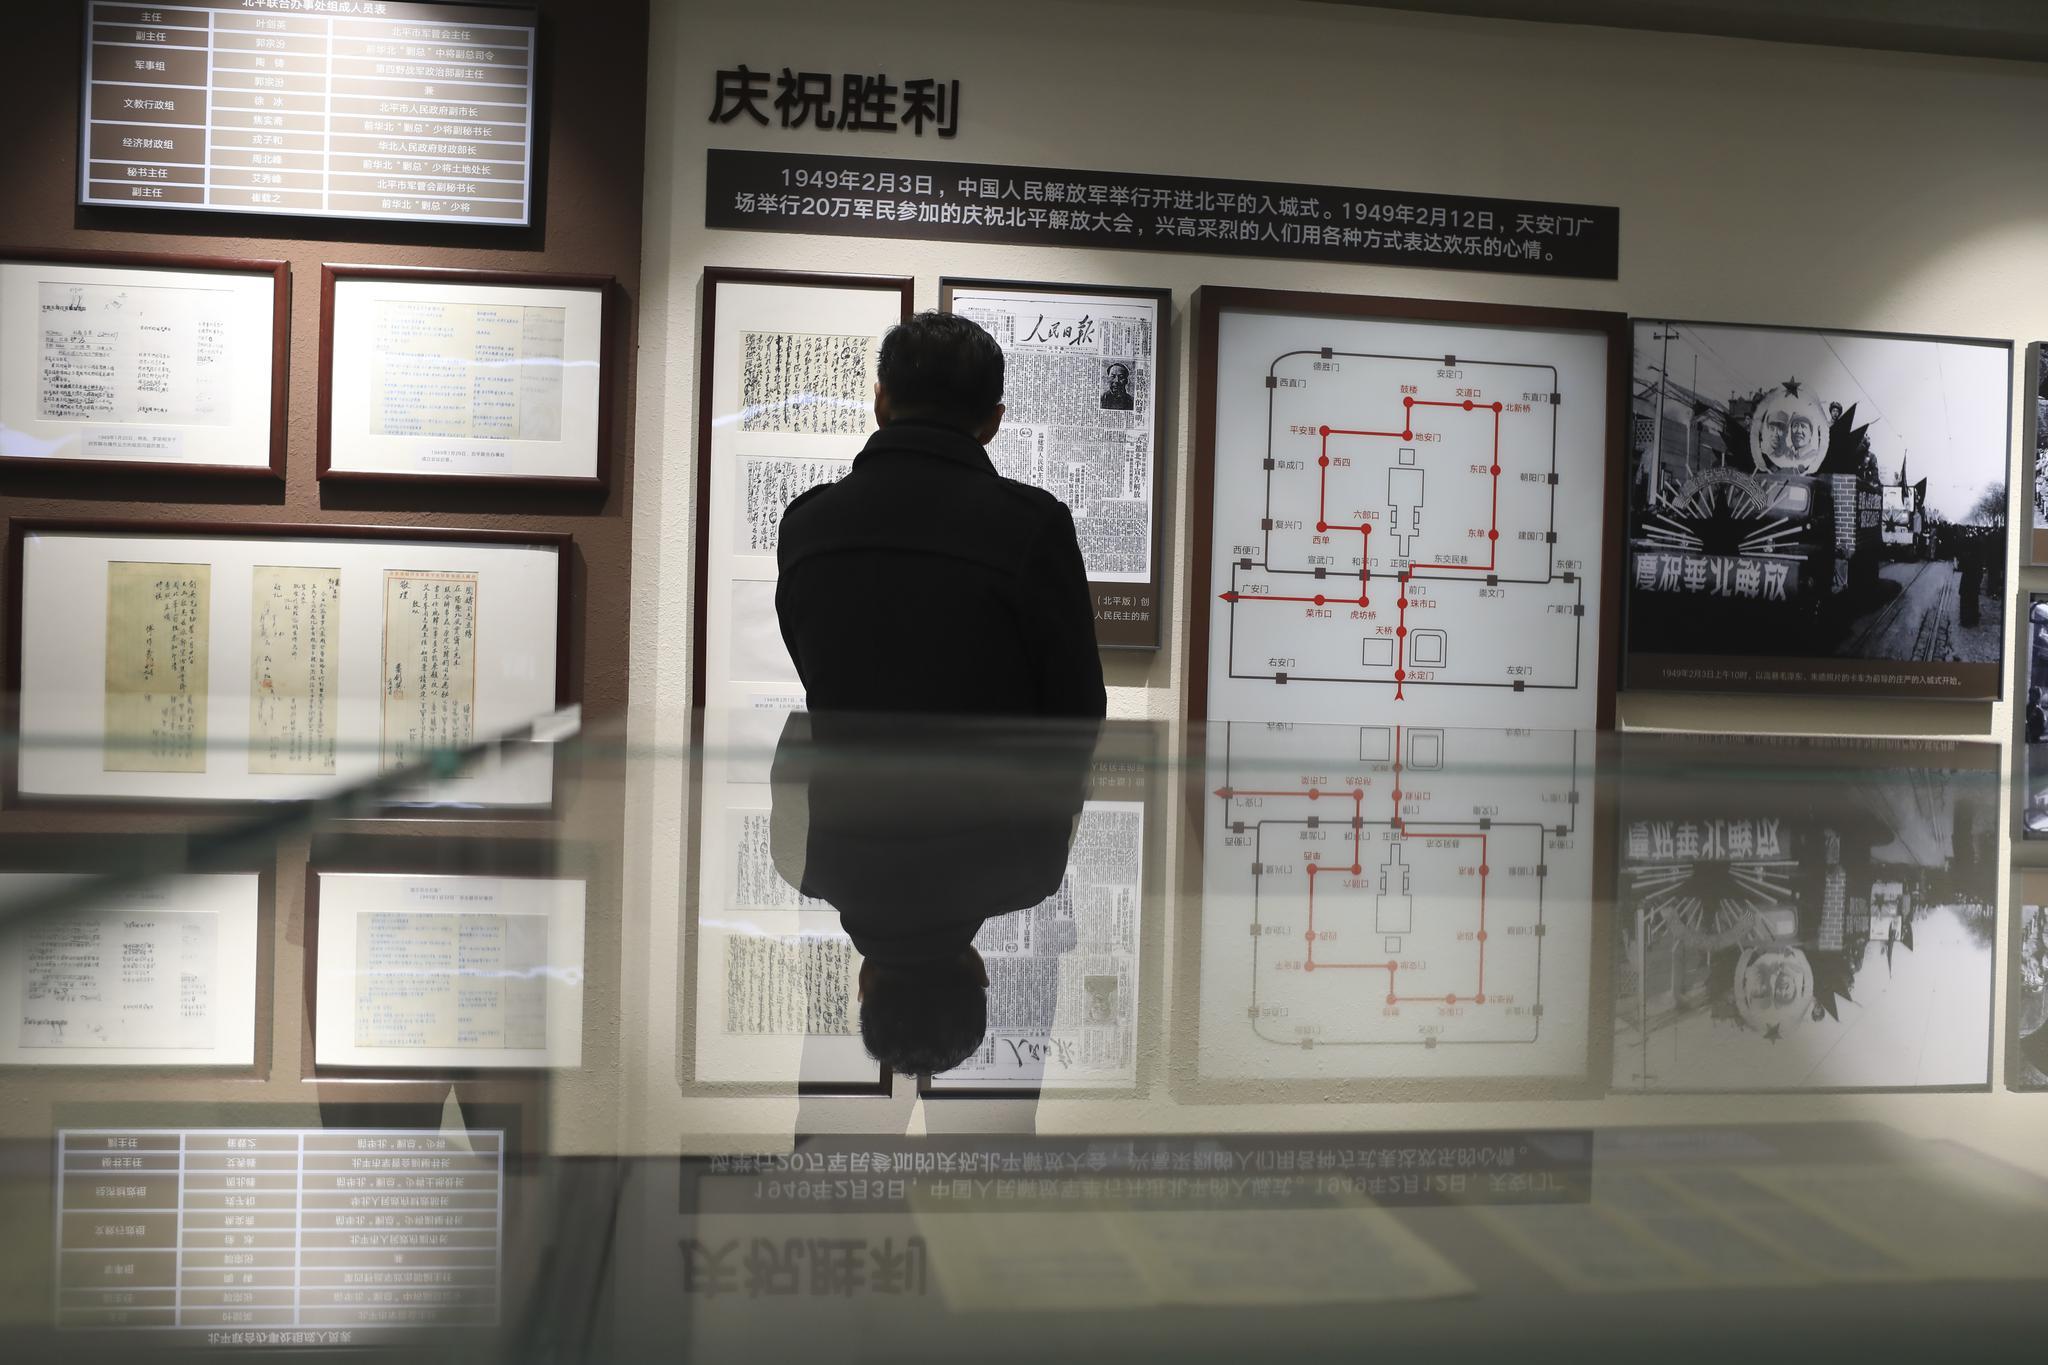 展览展现晓畅放军入城仪式的线路图。摄影/新京报记者 浦峰